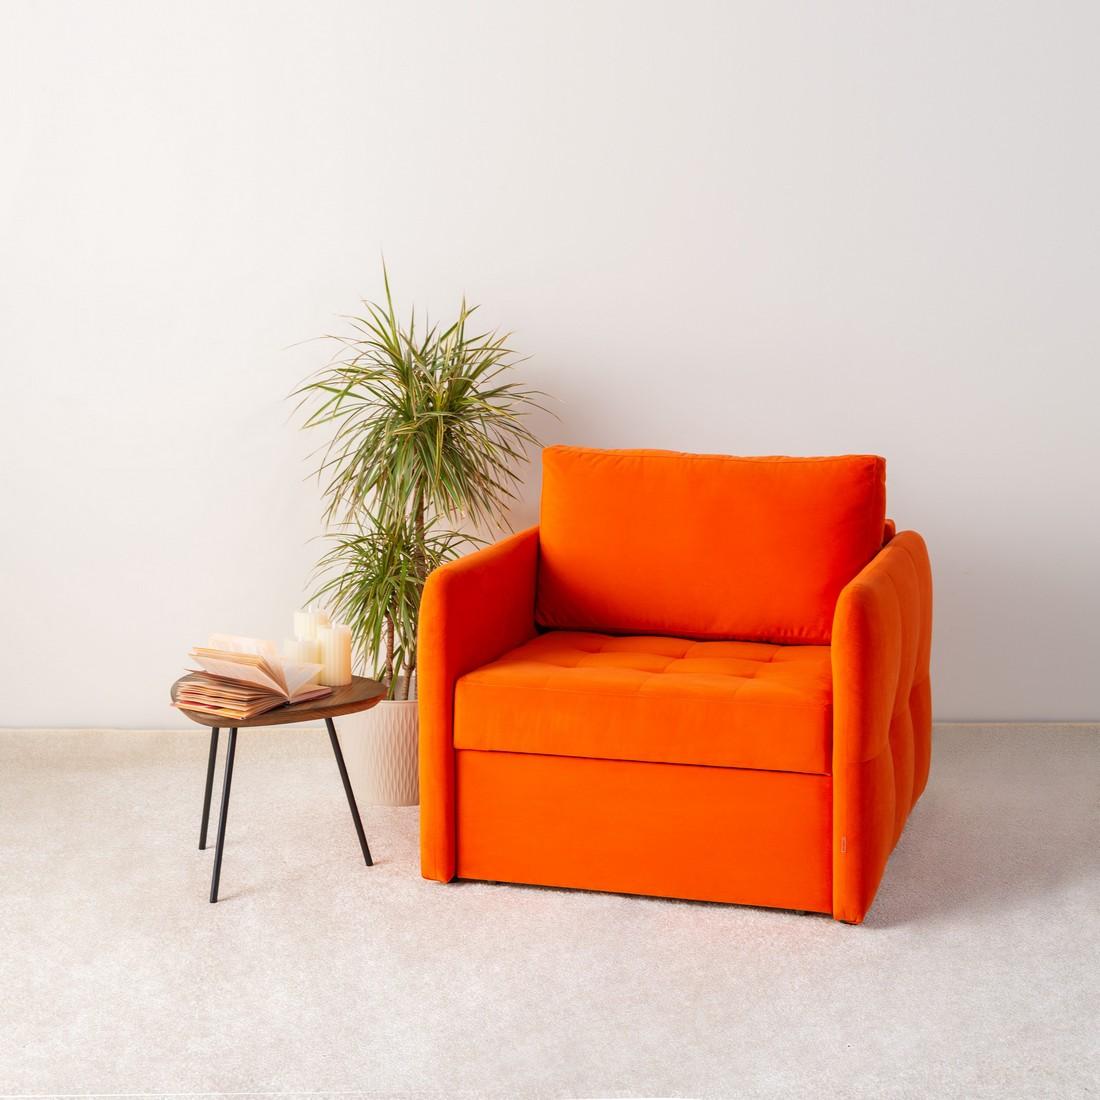 Розкладні крісла: як вибрати комфортну і компактні меблі для дому